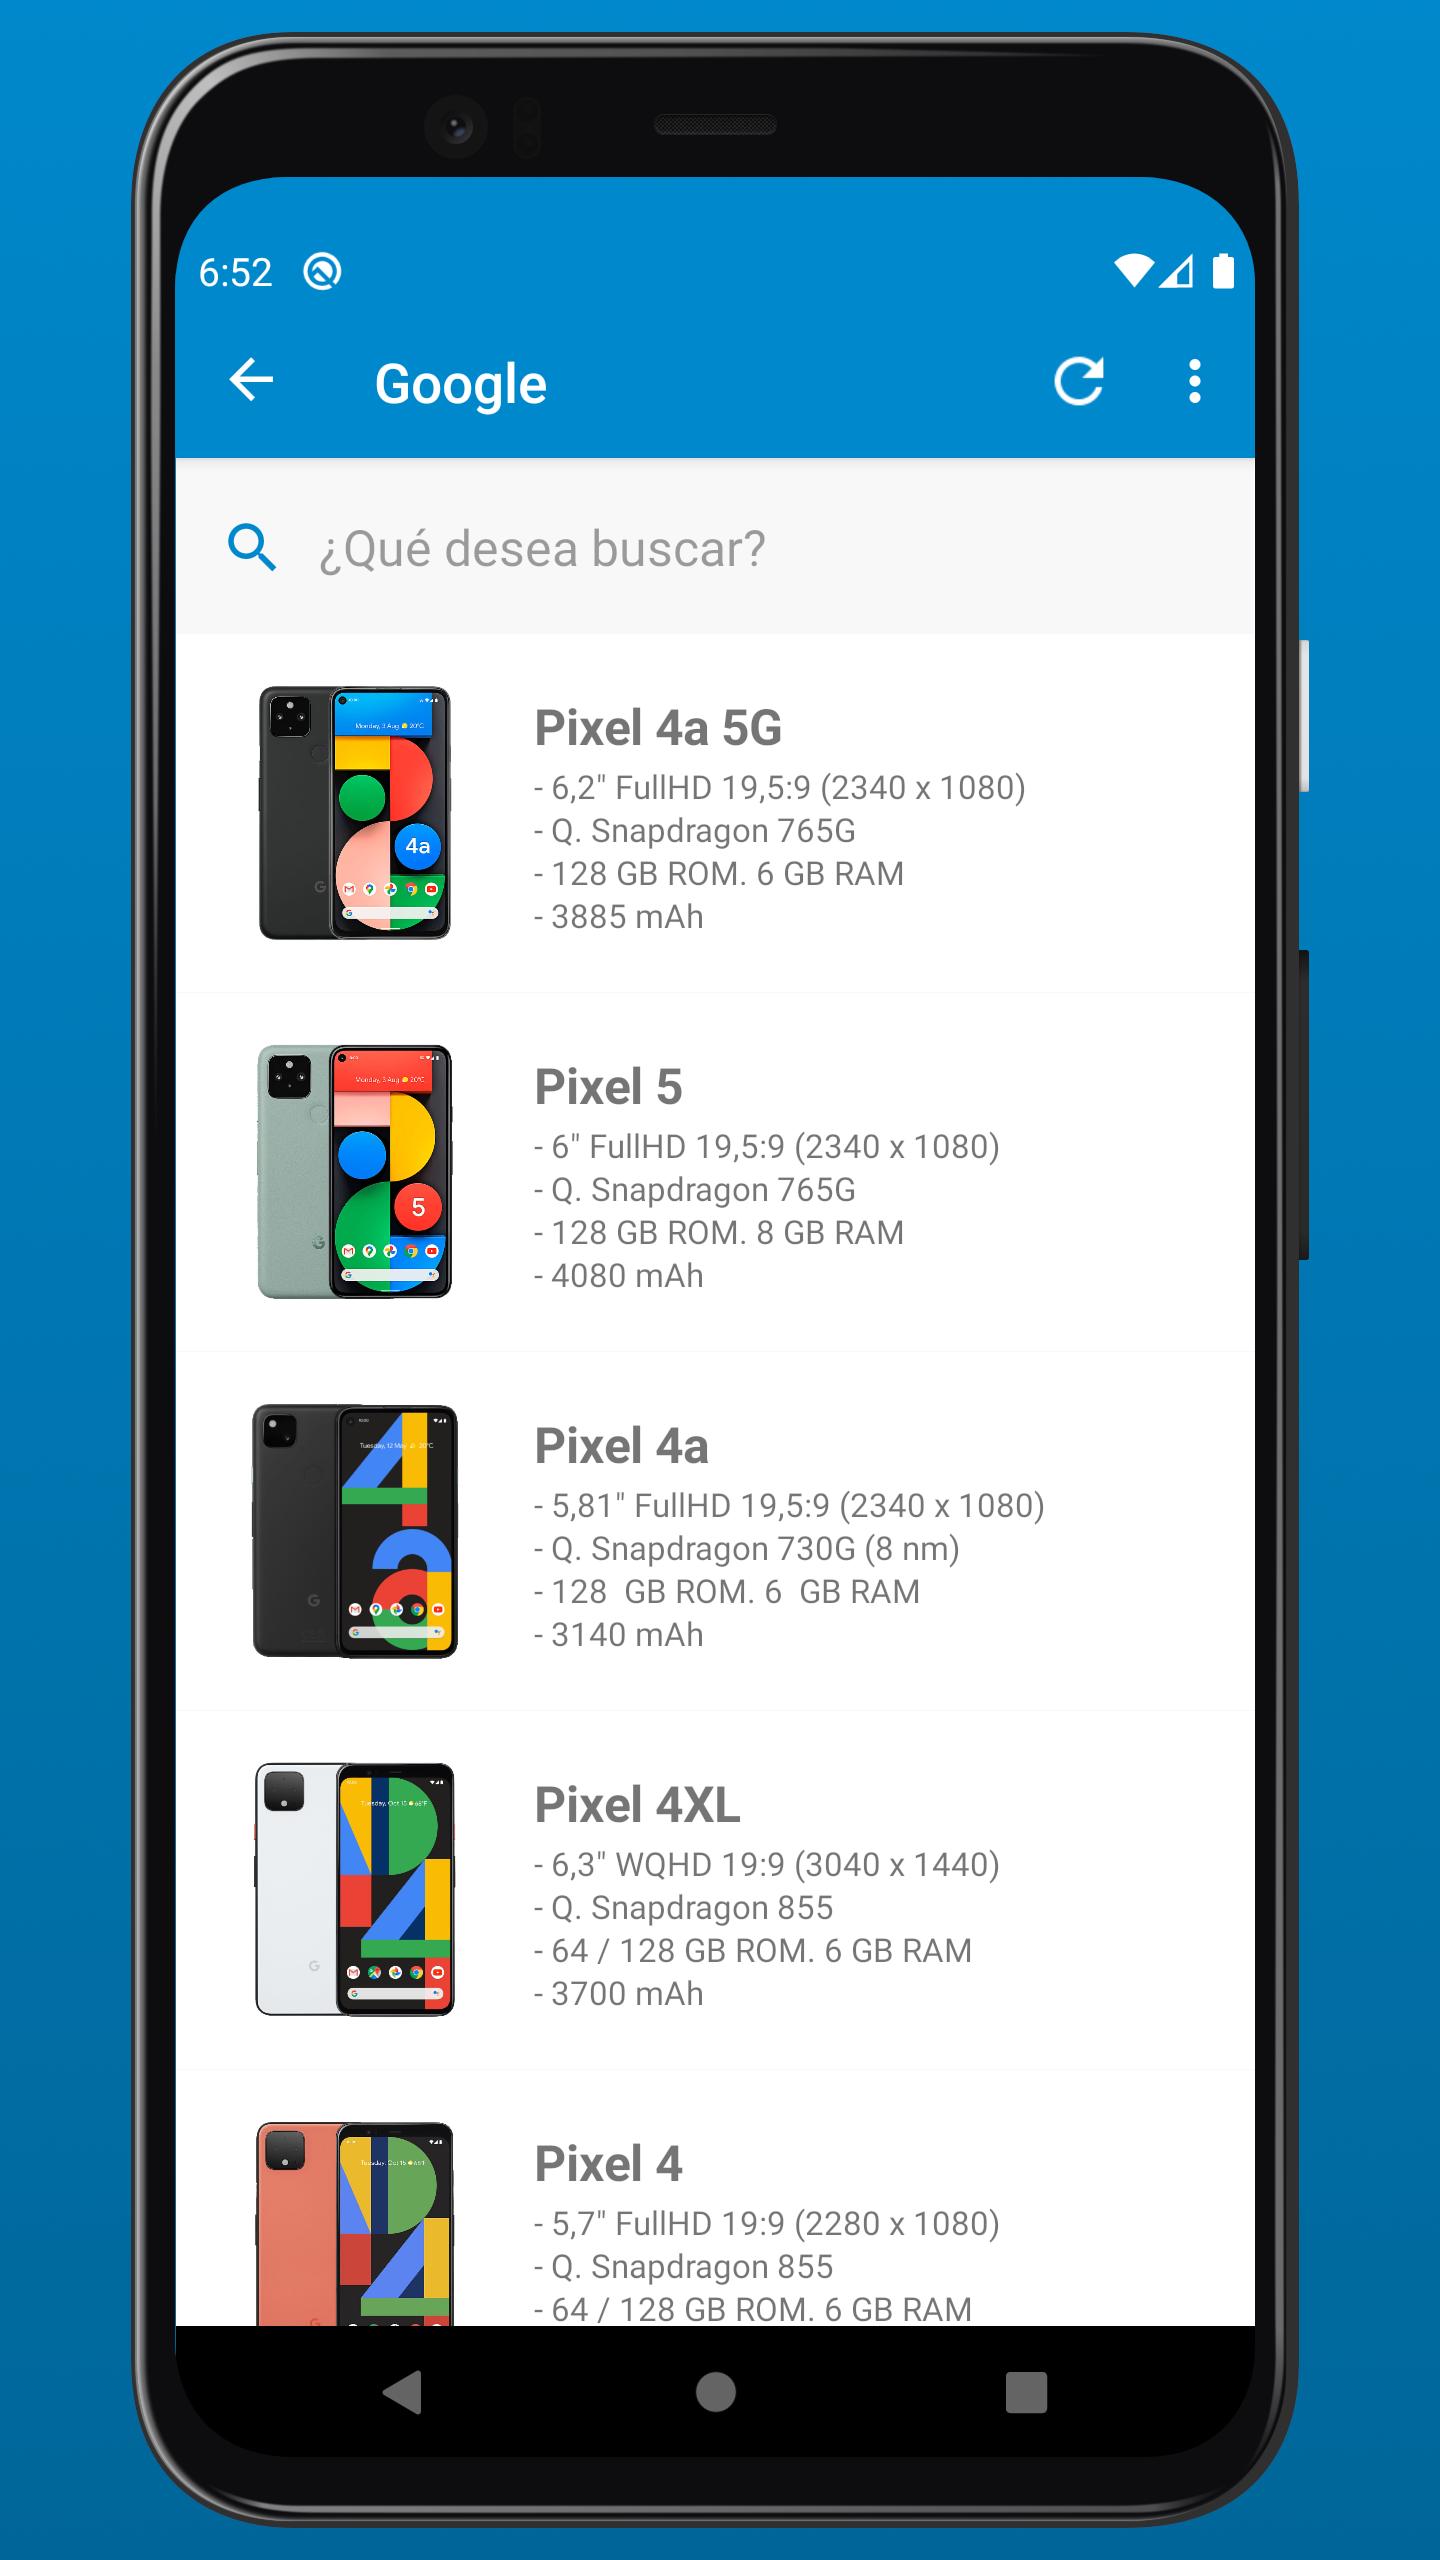 https://uares.blob.core.windows.net/app-mobilestudio/MobileStudio_And_ES_3.png